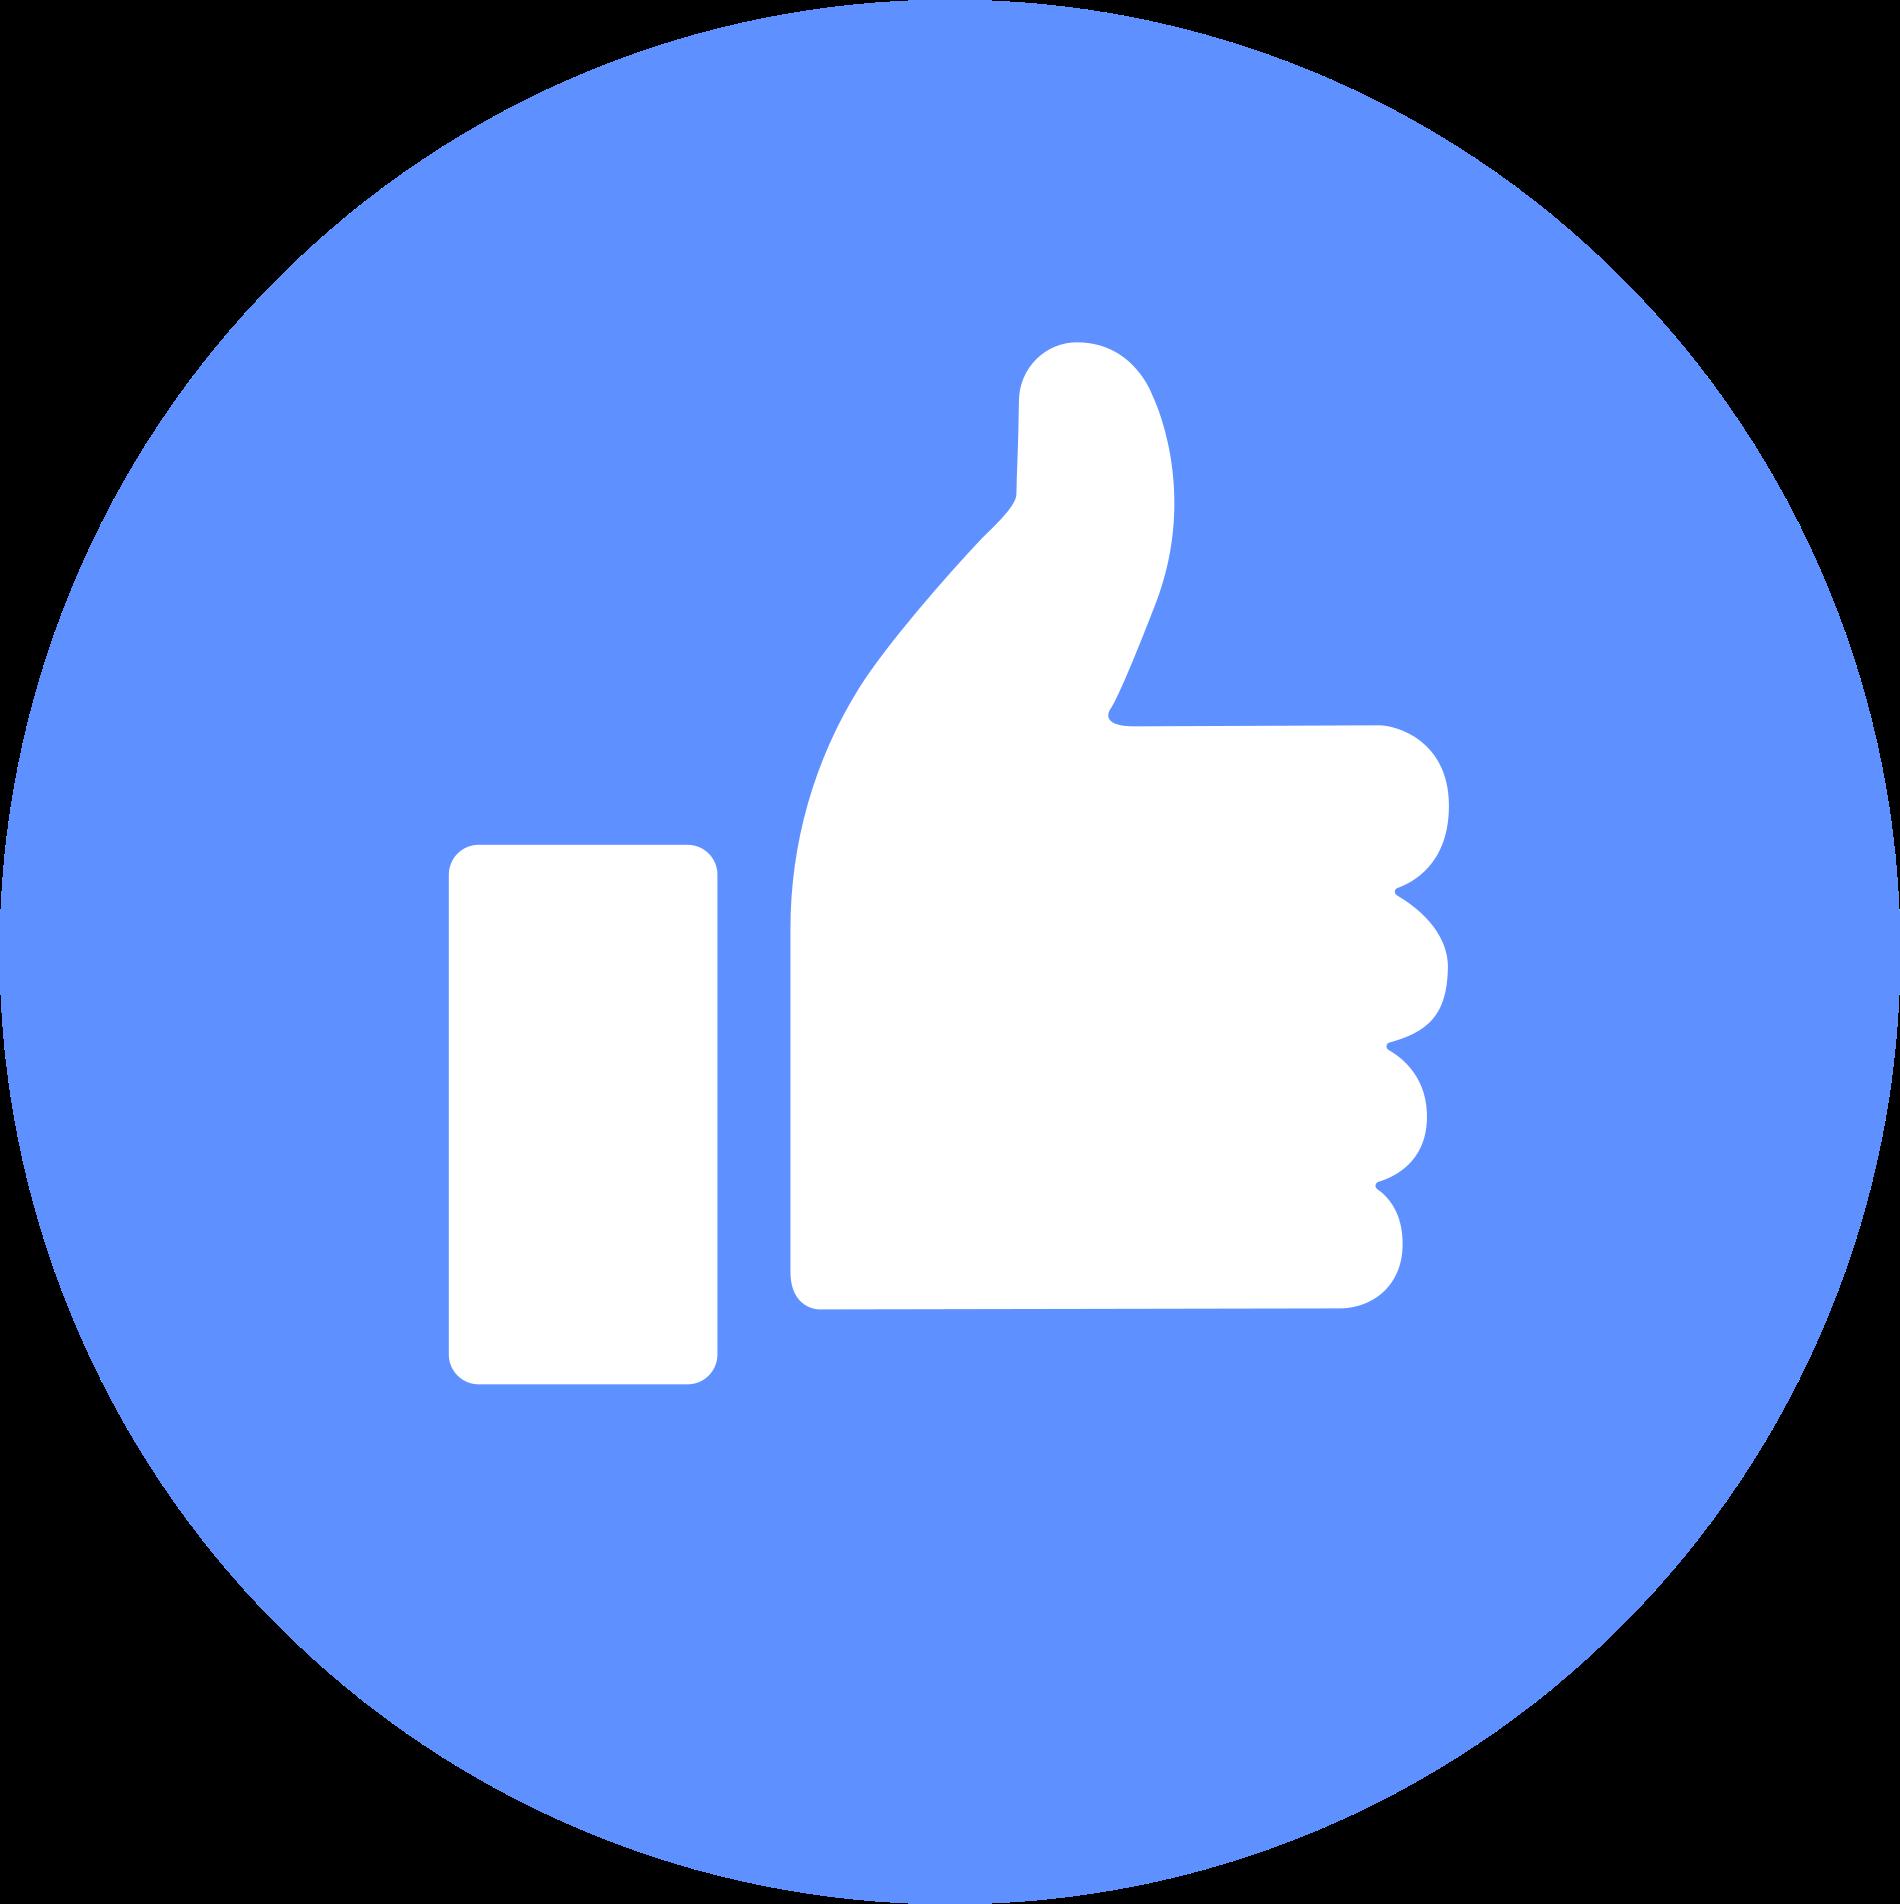 botao-facebook-like-icone-3